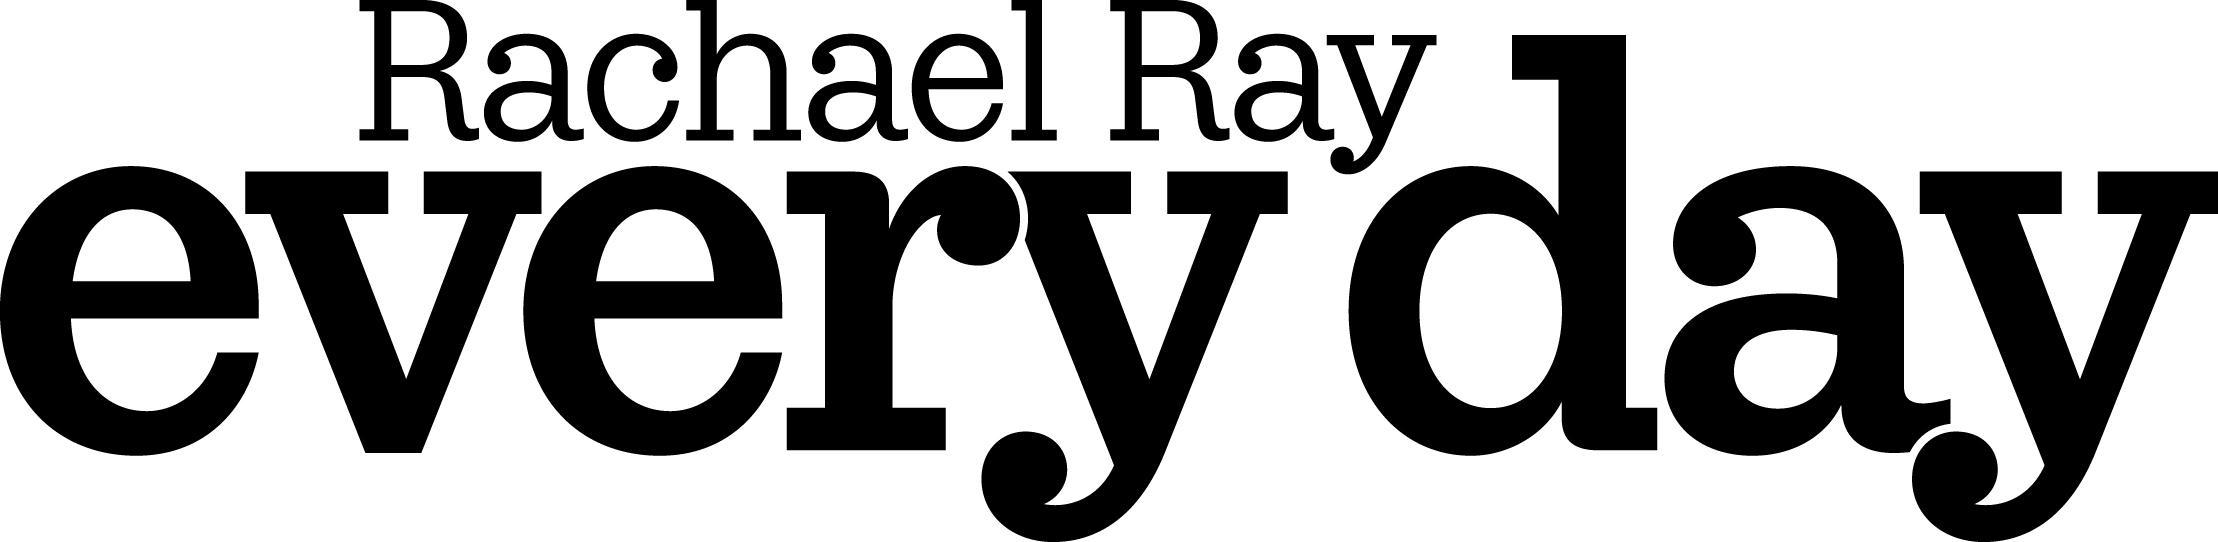 Rachel Ray Everyday